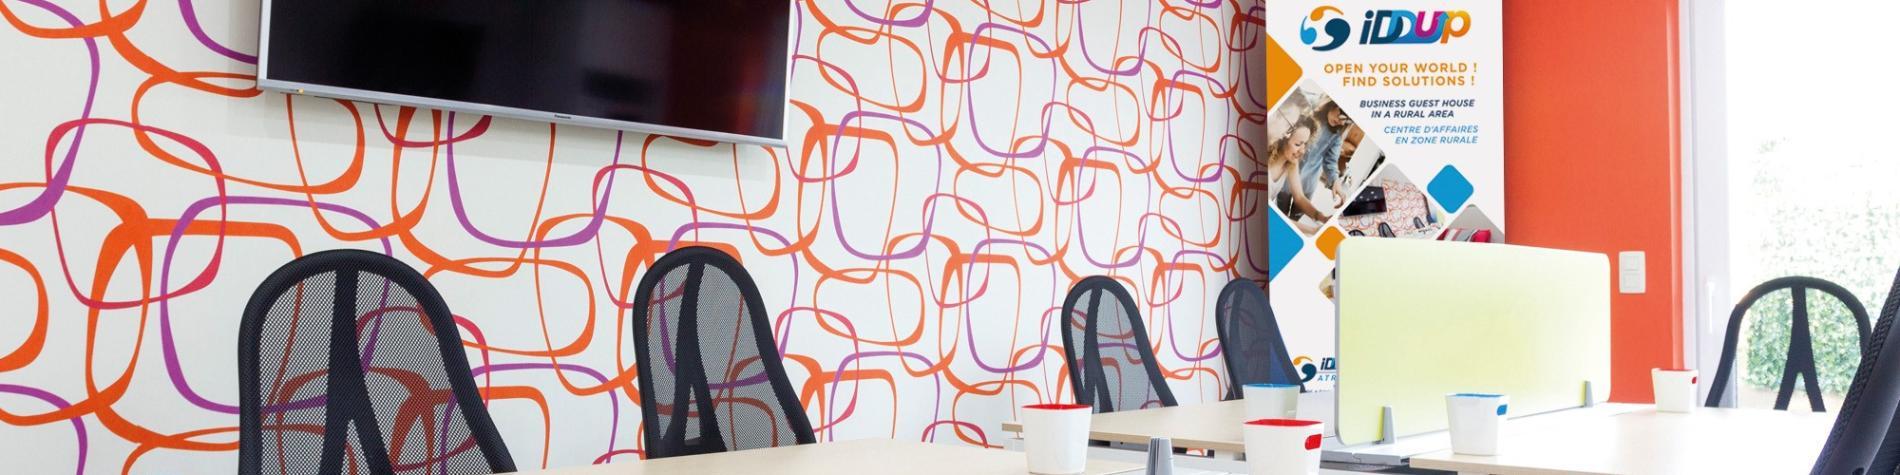 IDDUP Atrium Première Business Guesthouse en Wallonie, Réunion, meeting